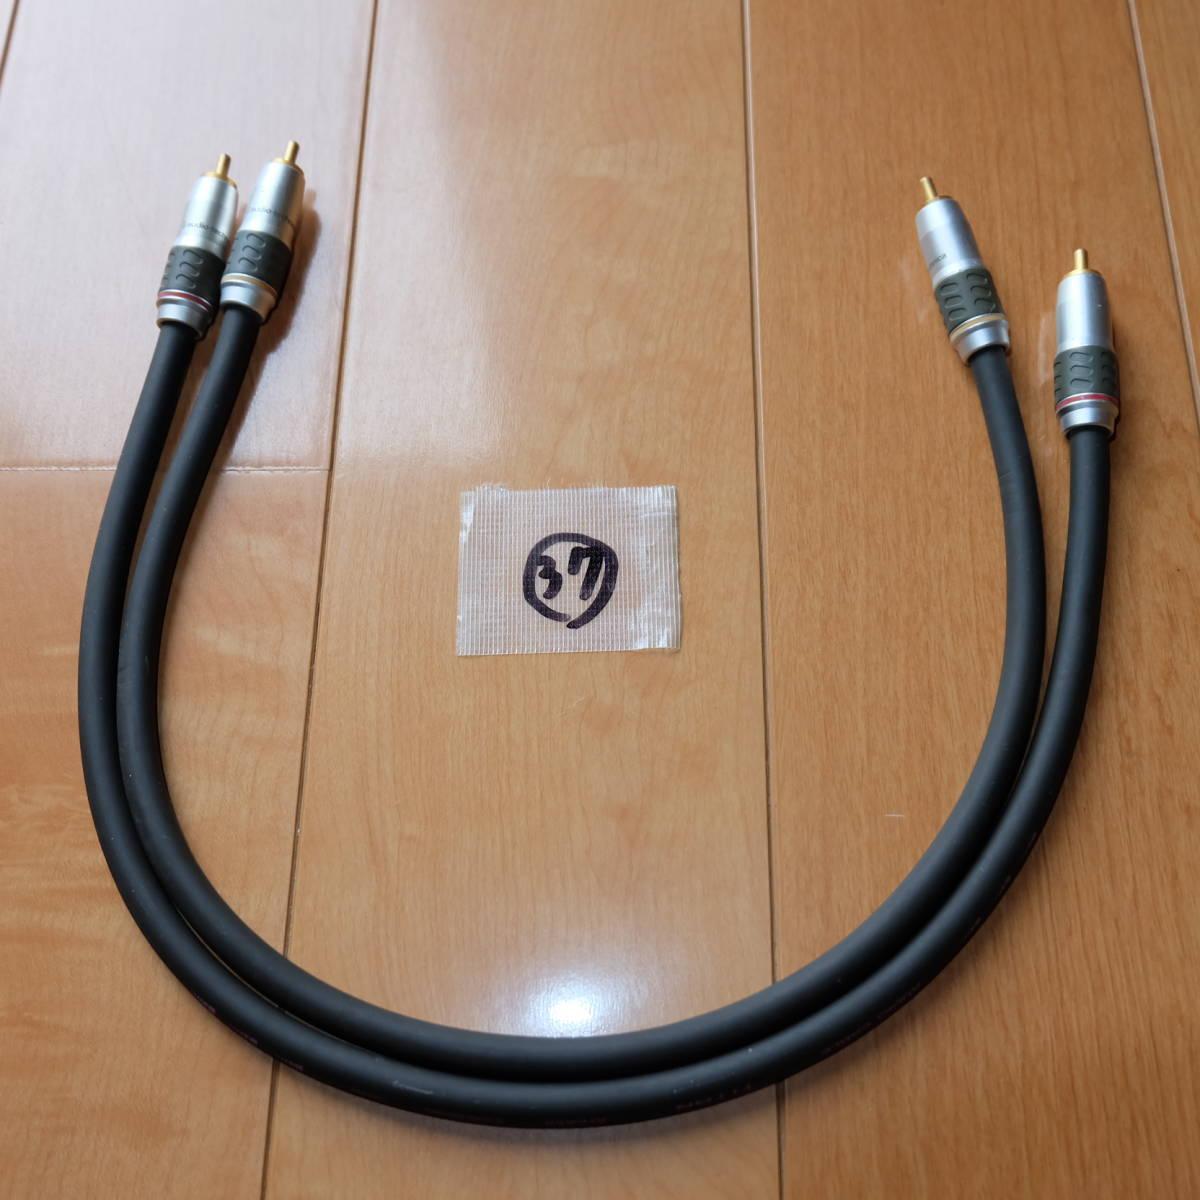 送180円 audio-technica オーディオテクニカ audio cable rcaケーブル ART LiNK アートリンク AT6A56/0.5 50cm ピンプラグ PCOCC Hi-OFC 37_画像2